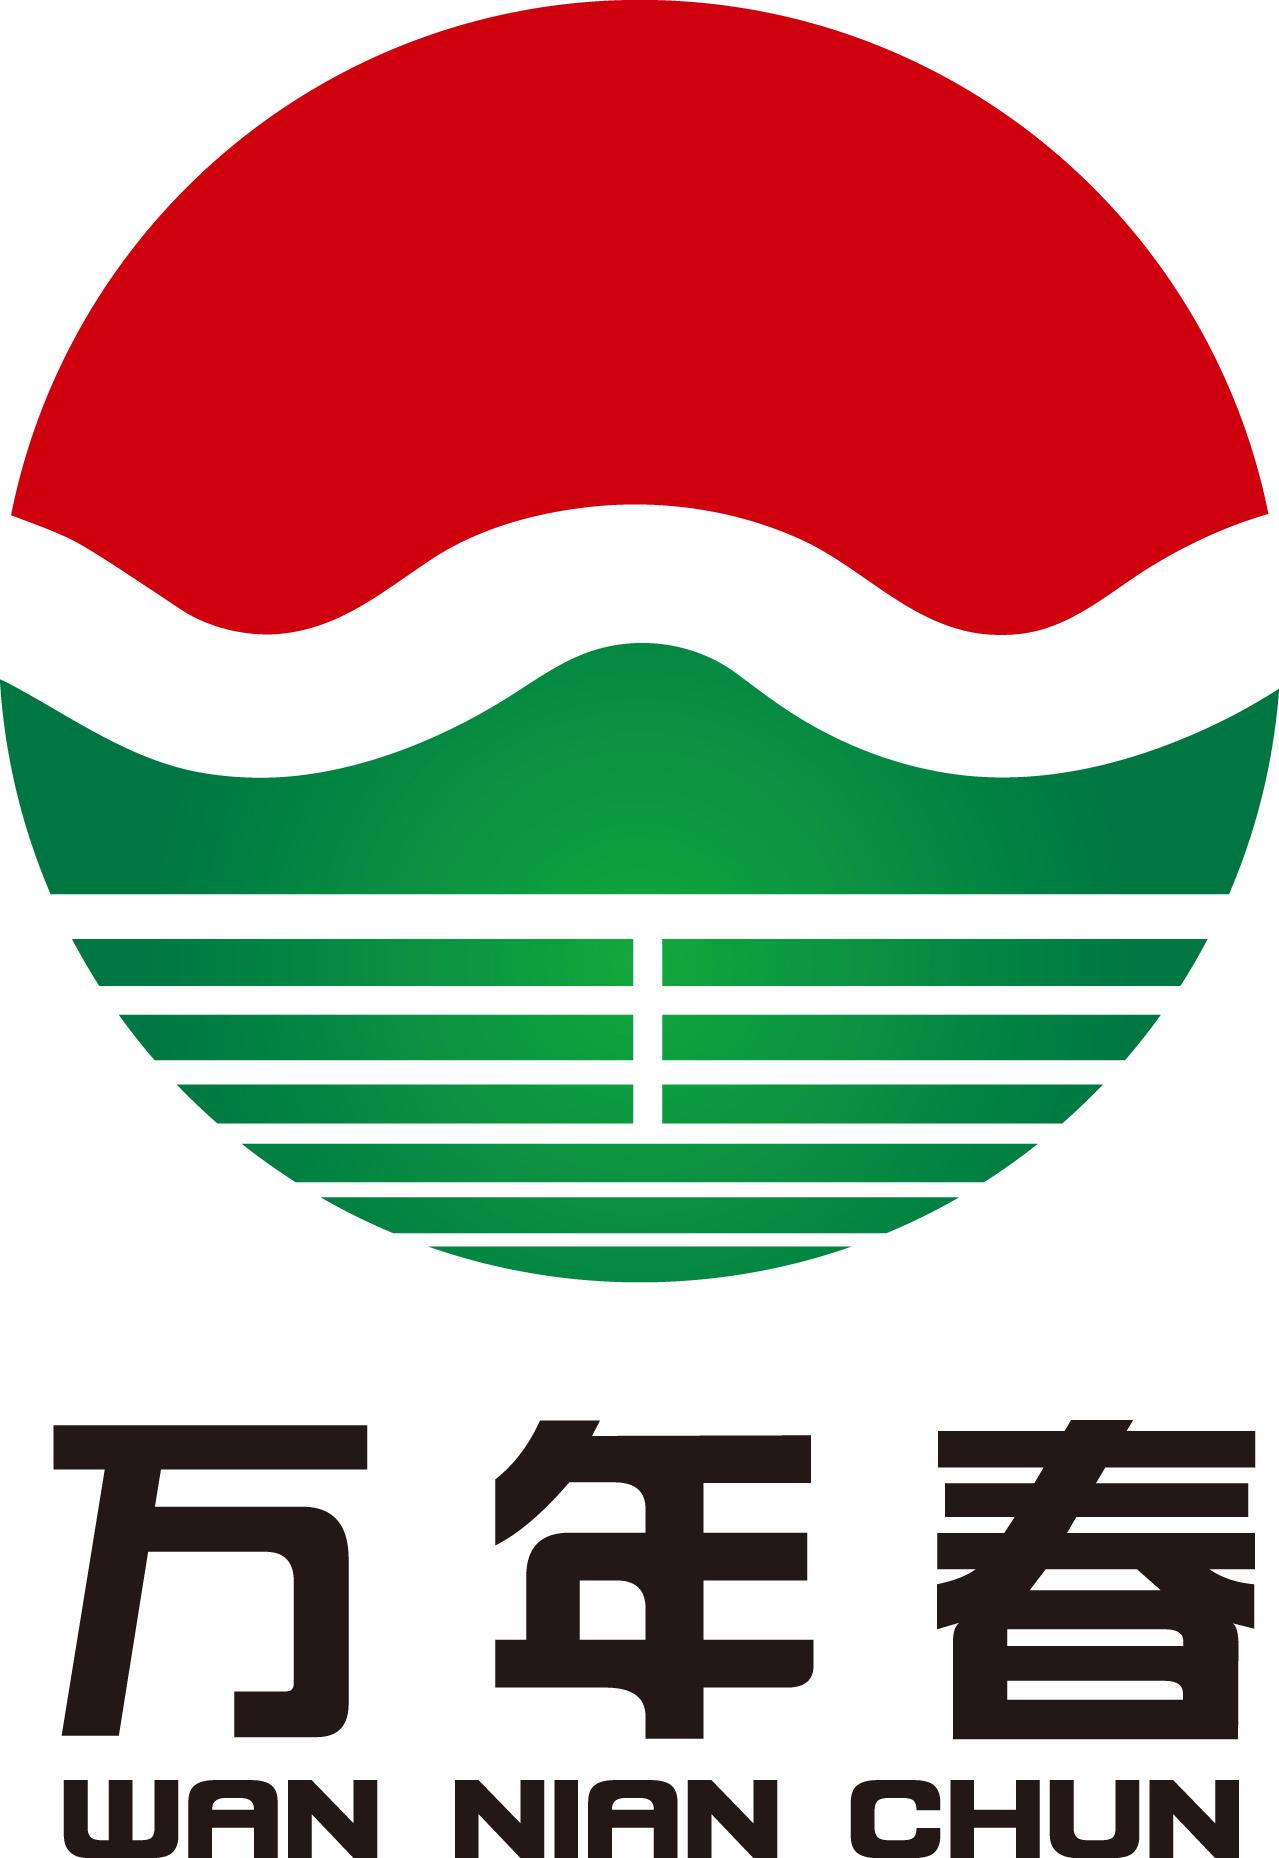 深圳市万年春环境建设有限公司